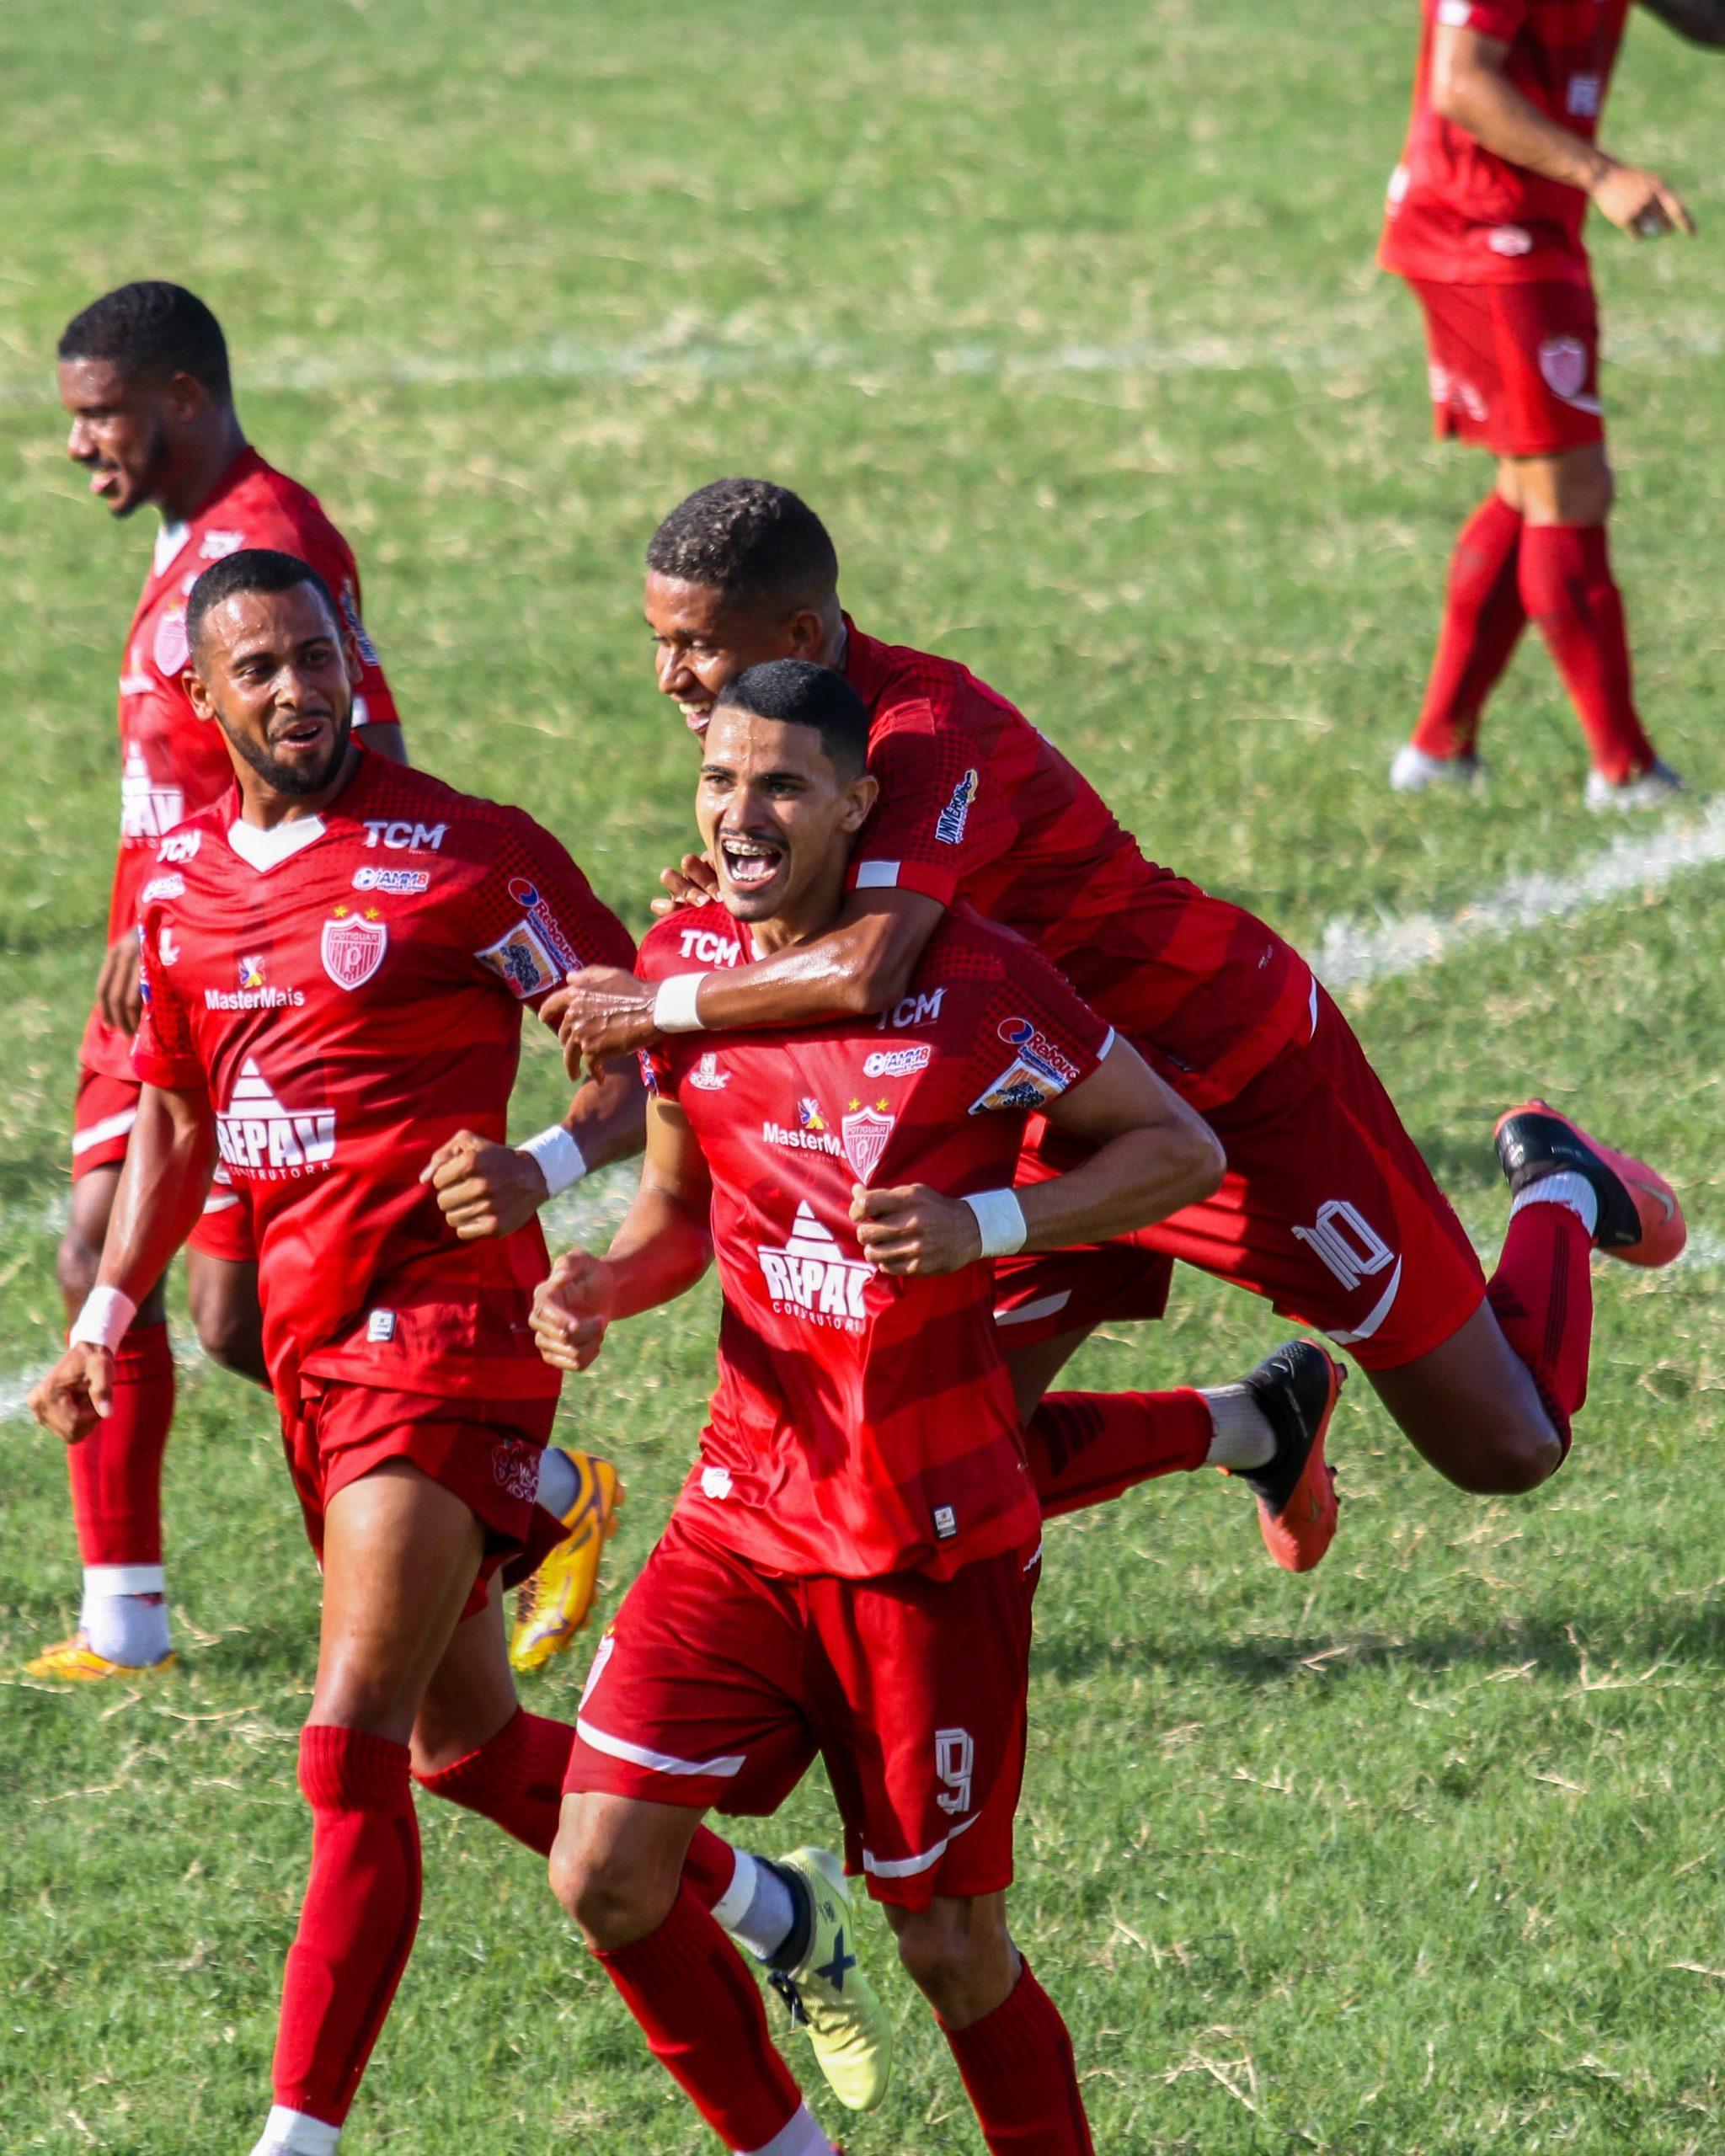 Goleada do Globo e vitória do Potiguar marcam jogos do Estadual